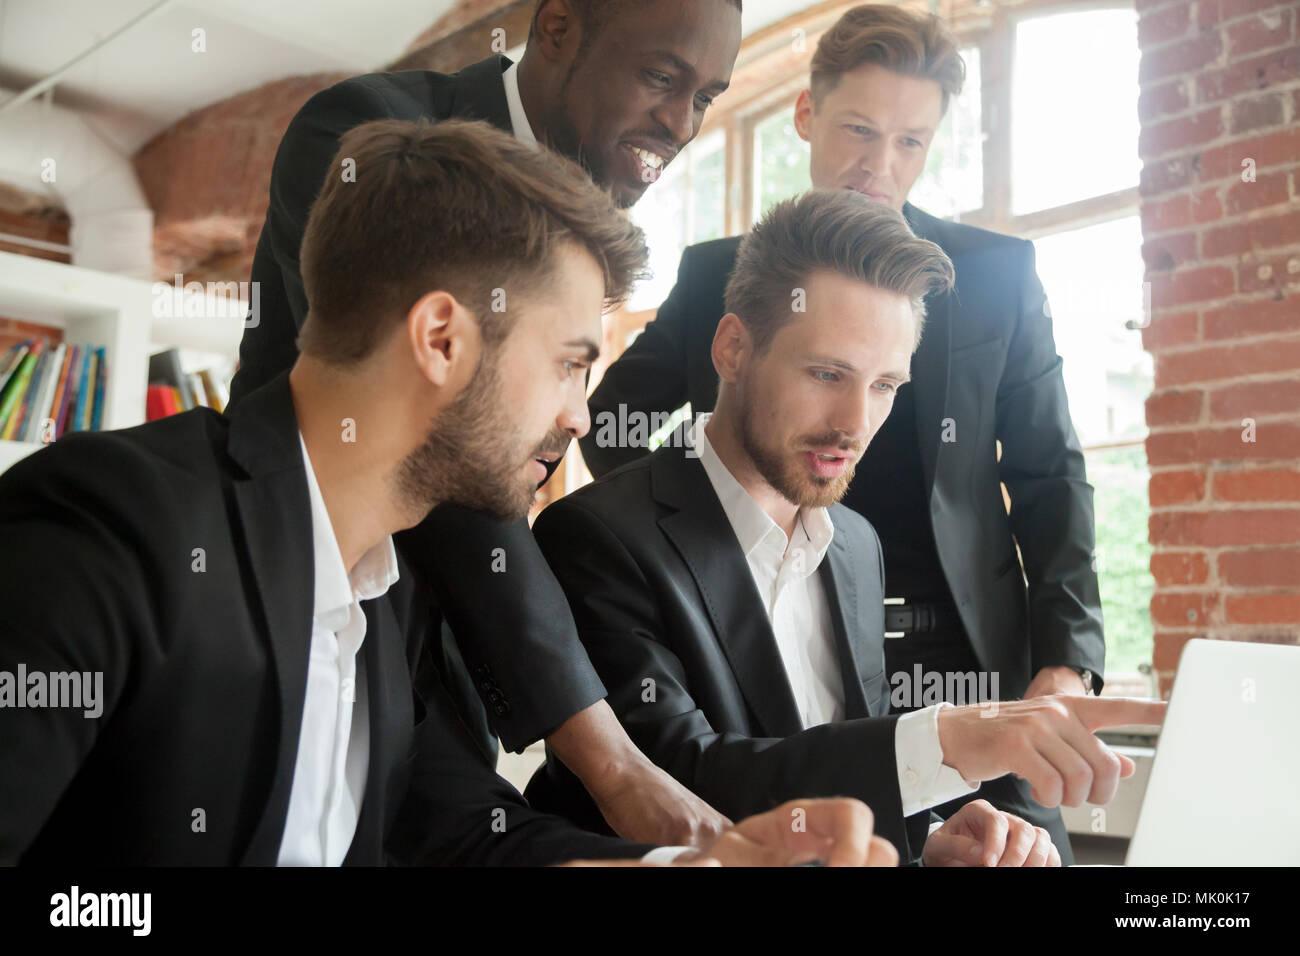 Dirigeant d'entreprise de plus en plus masculins présentant des revenus à des collègues Photo Stock